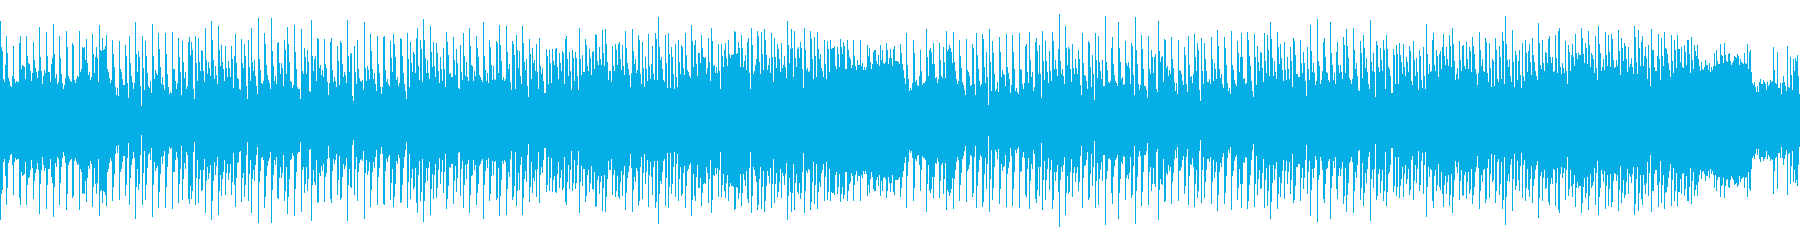 ループ・レトロゲーム風クールな感じの曲の再生済みの波形